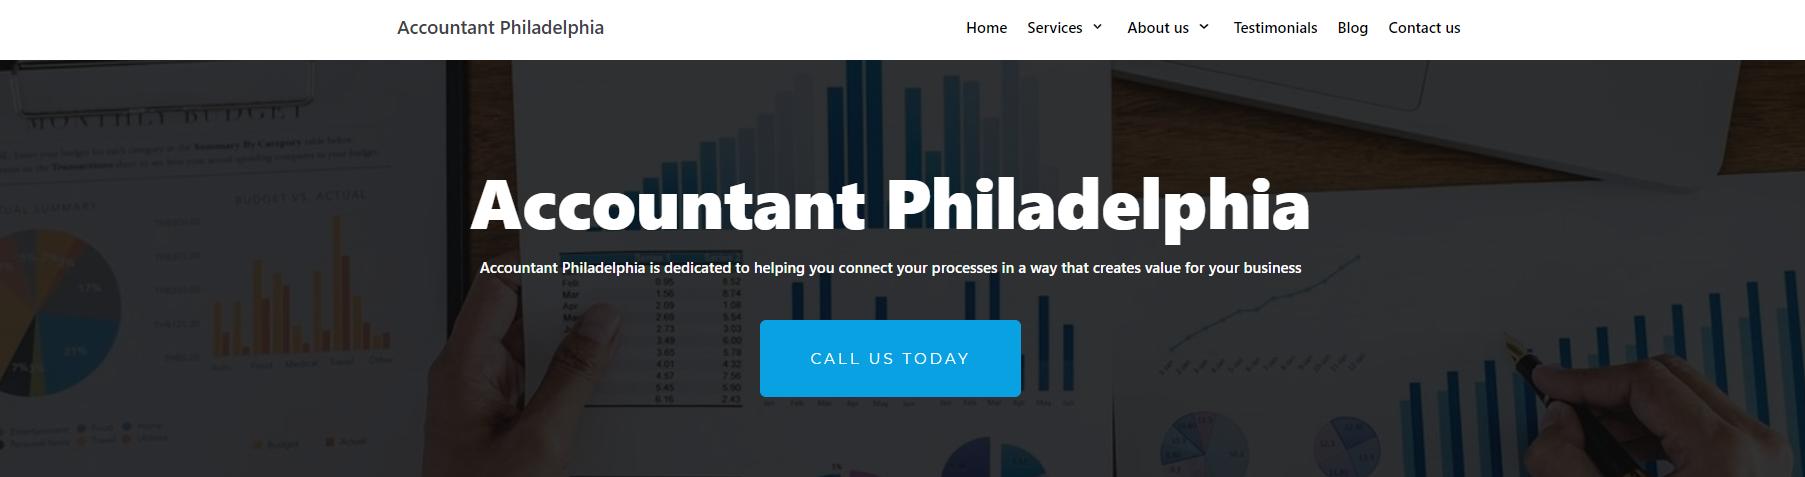 Accountant Philadelphia